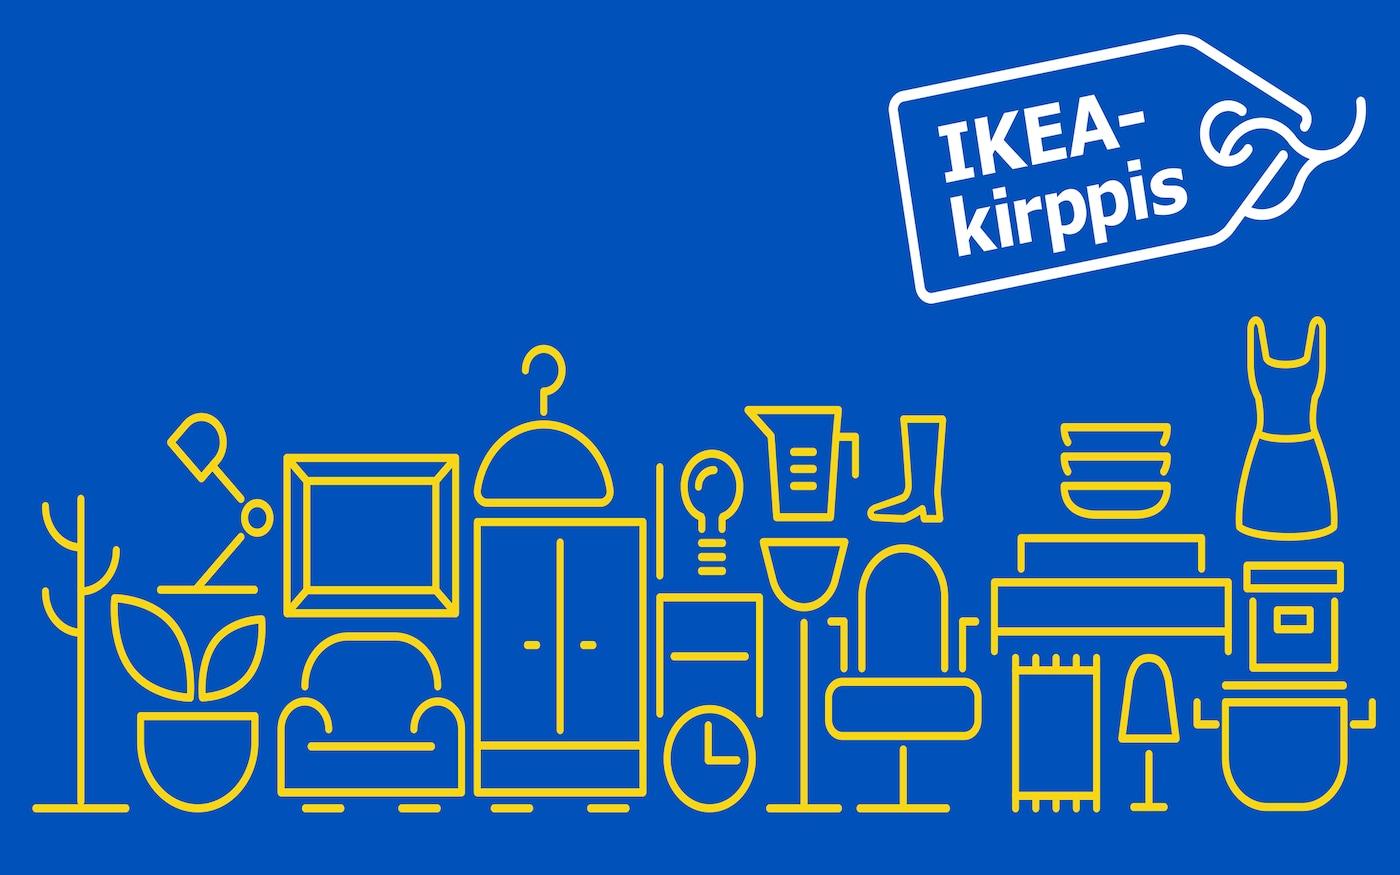 IKEA Kuopion uusi tavaratalojohtaja aloittaa valtavan rekrytointiurakan